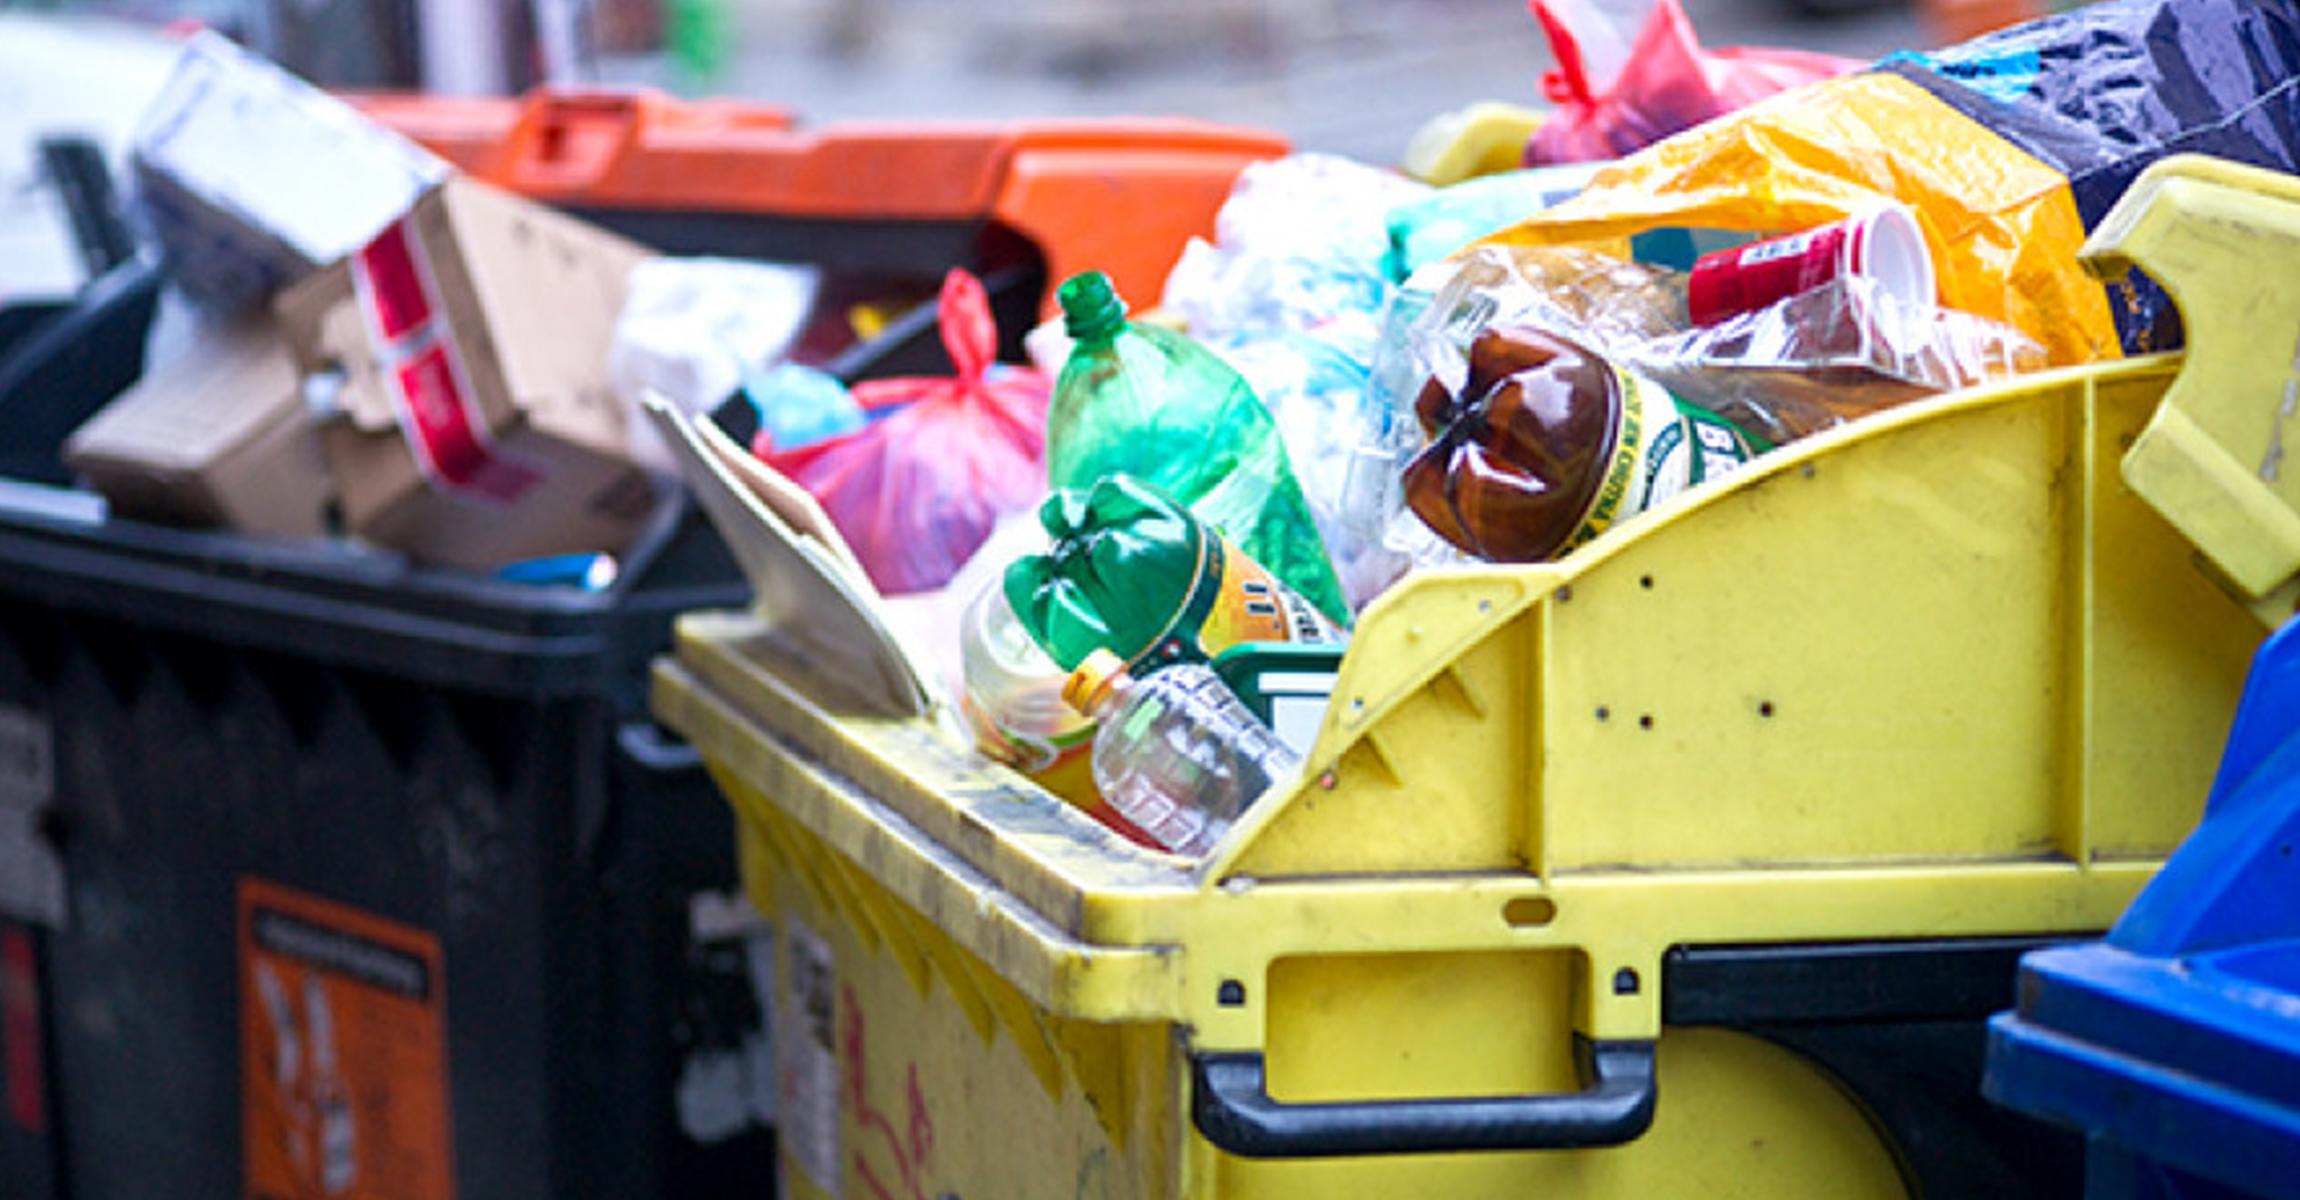 мусор-отходы